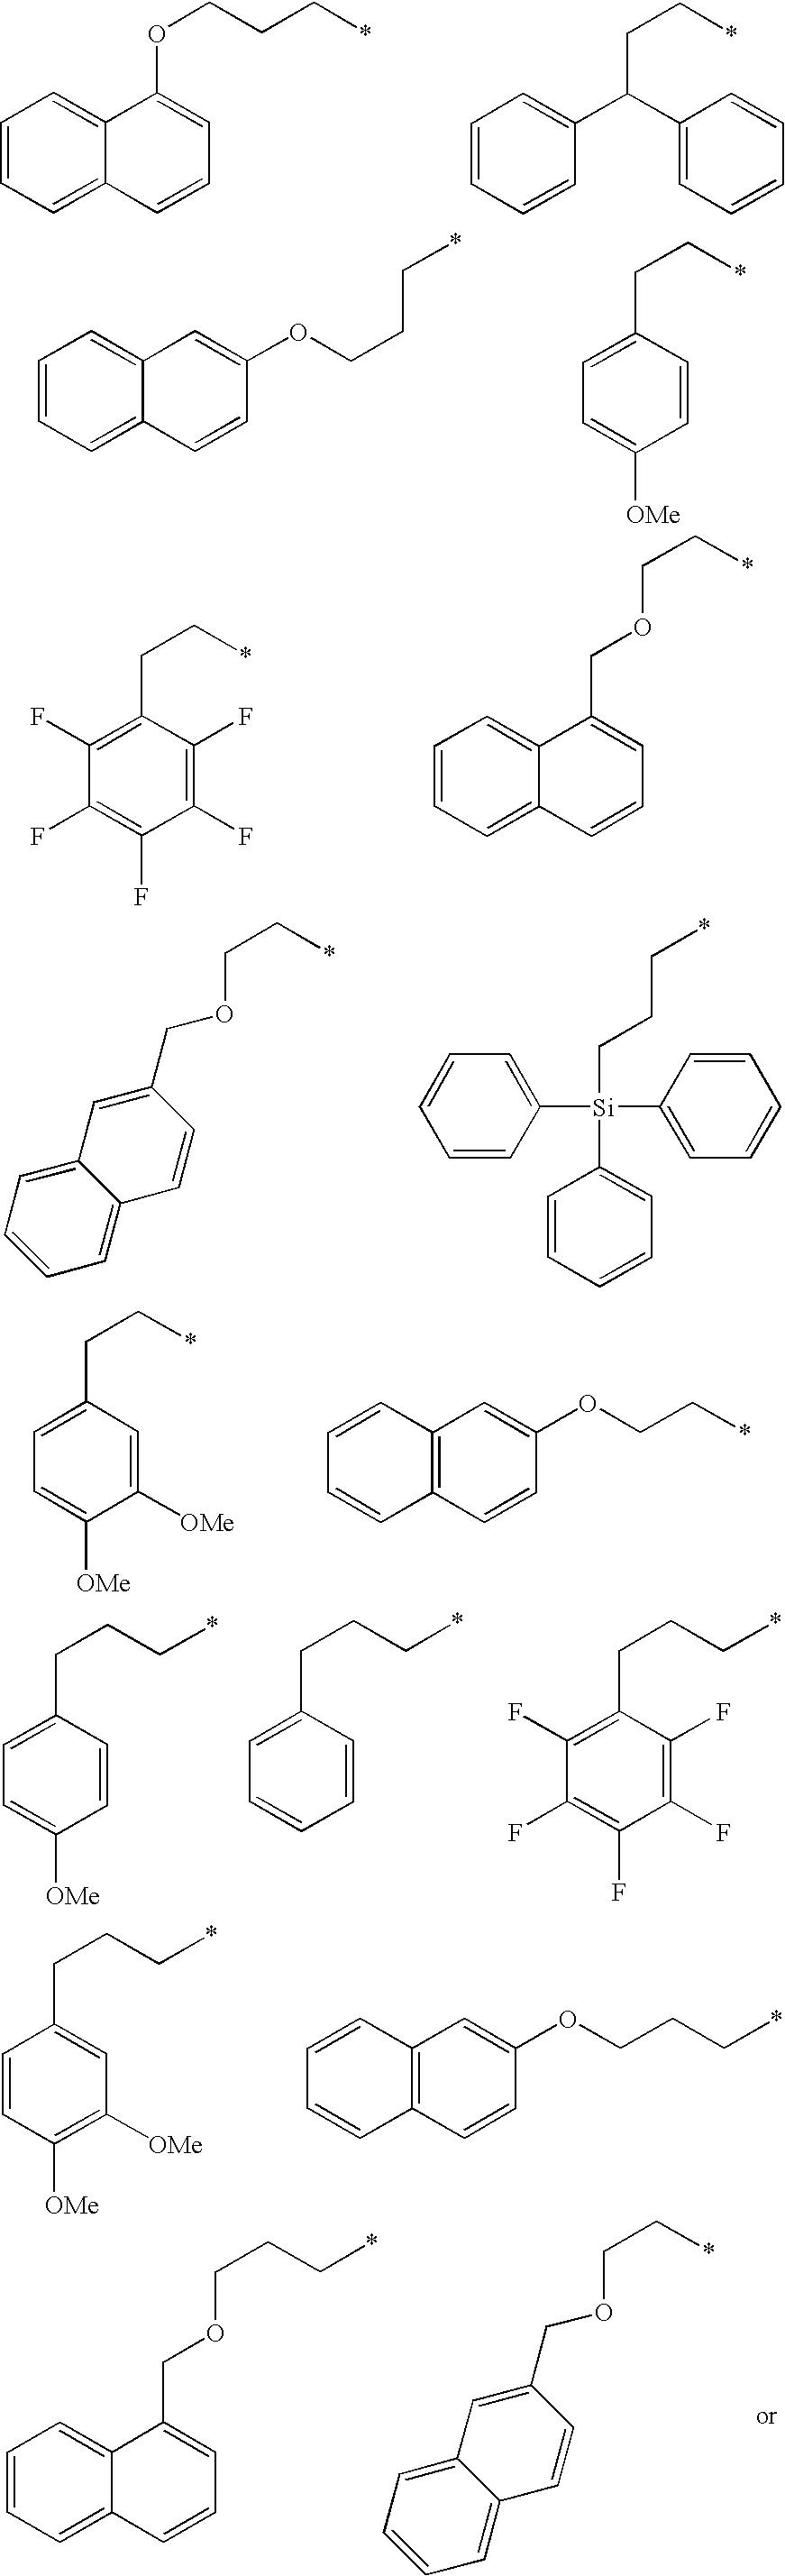 Figure US20040068077A1-20040408-C00003